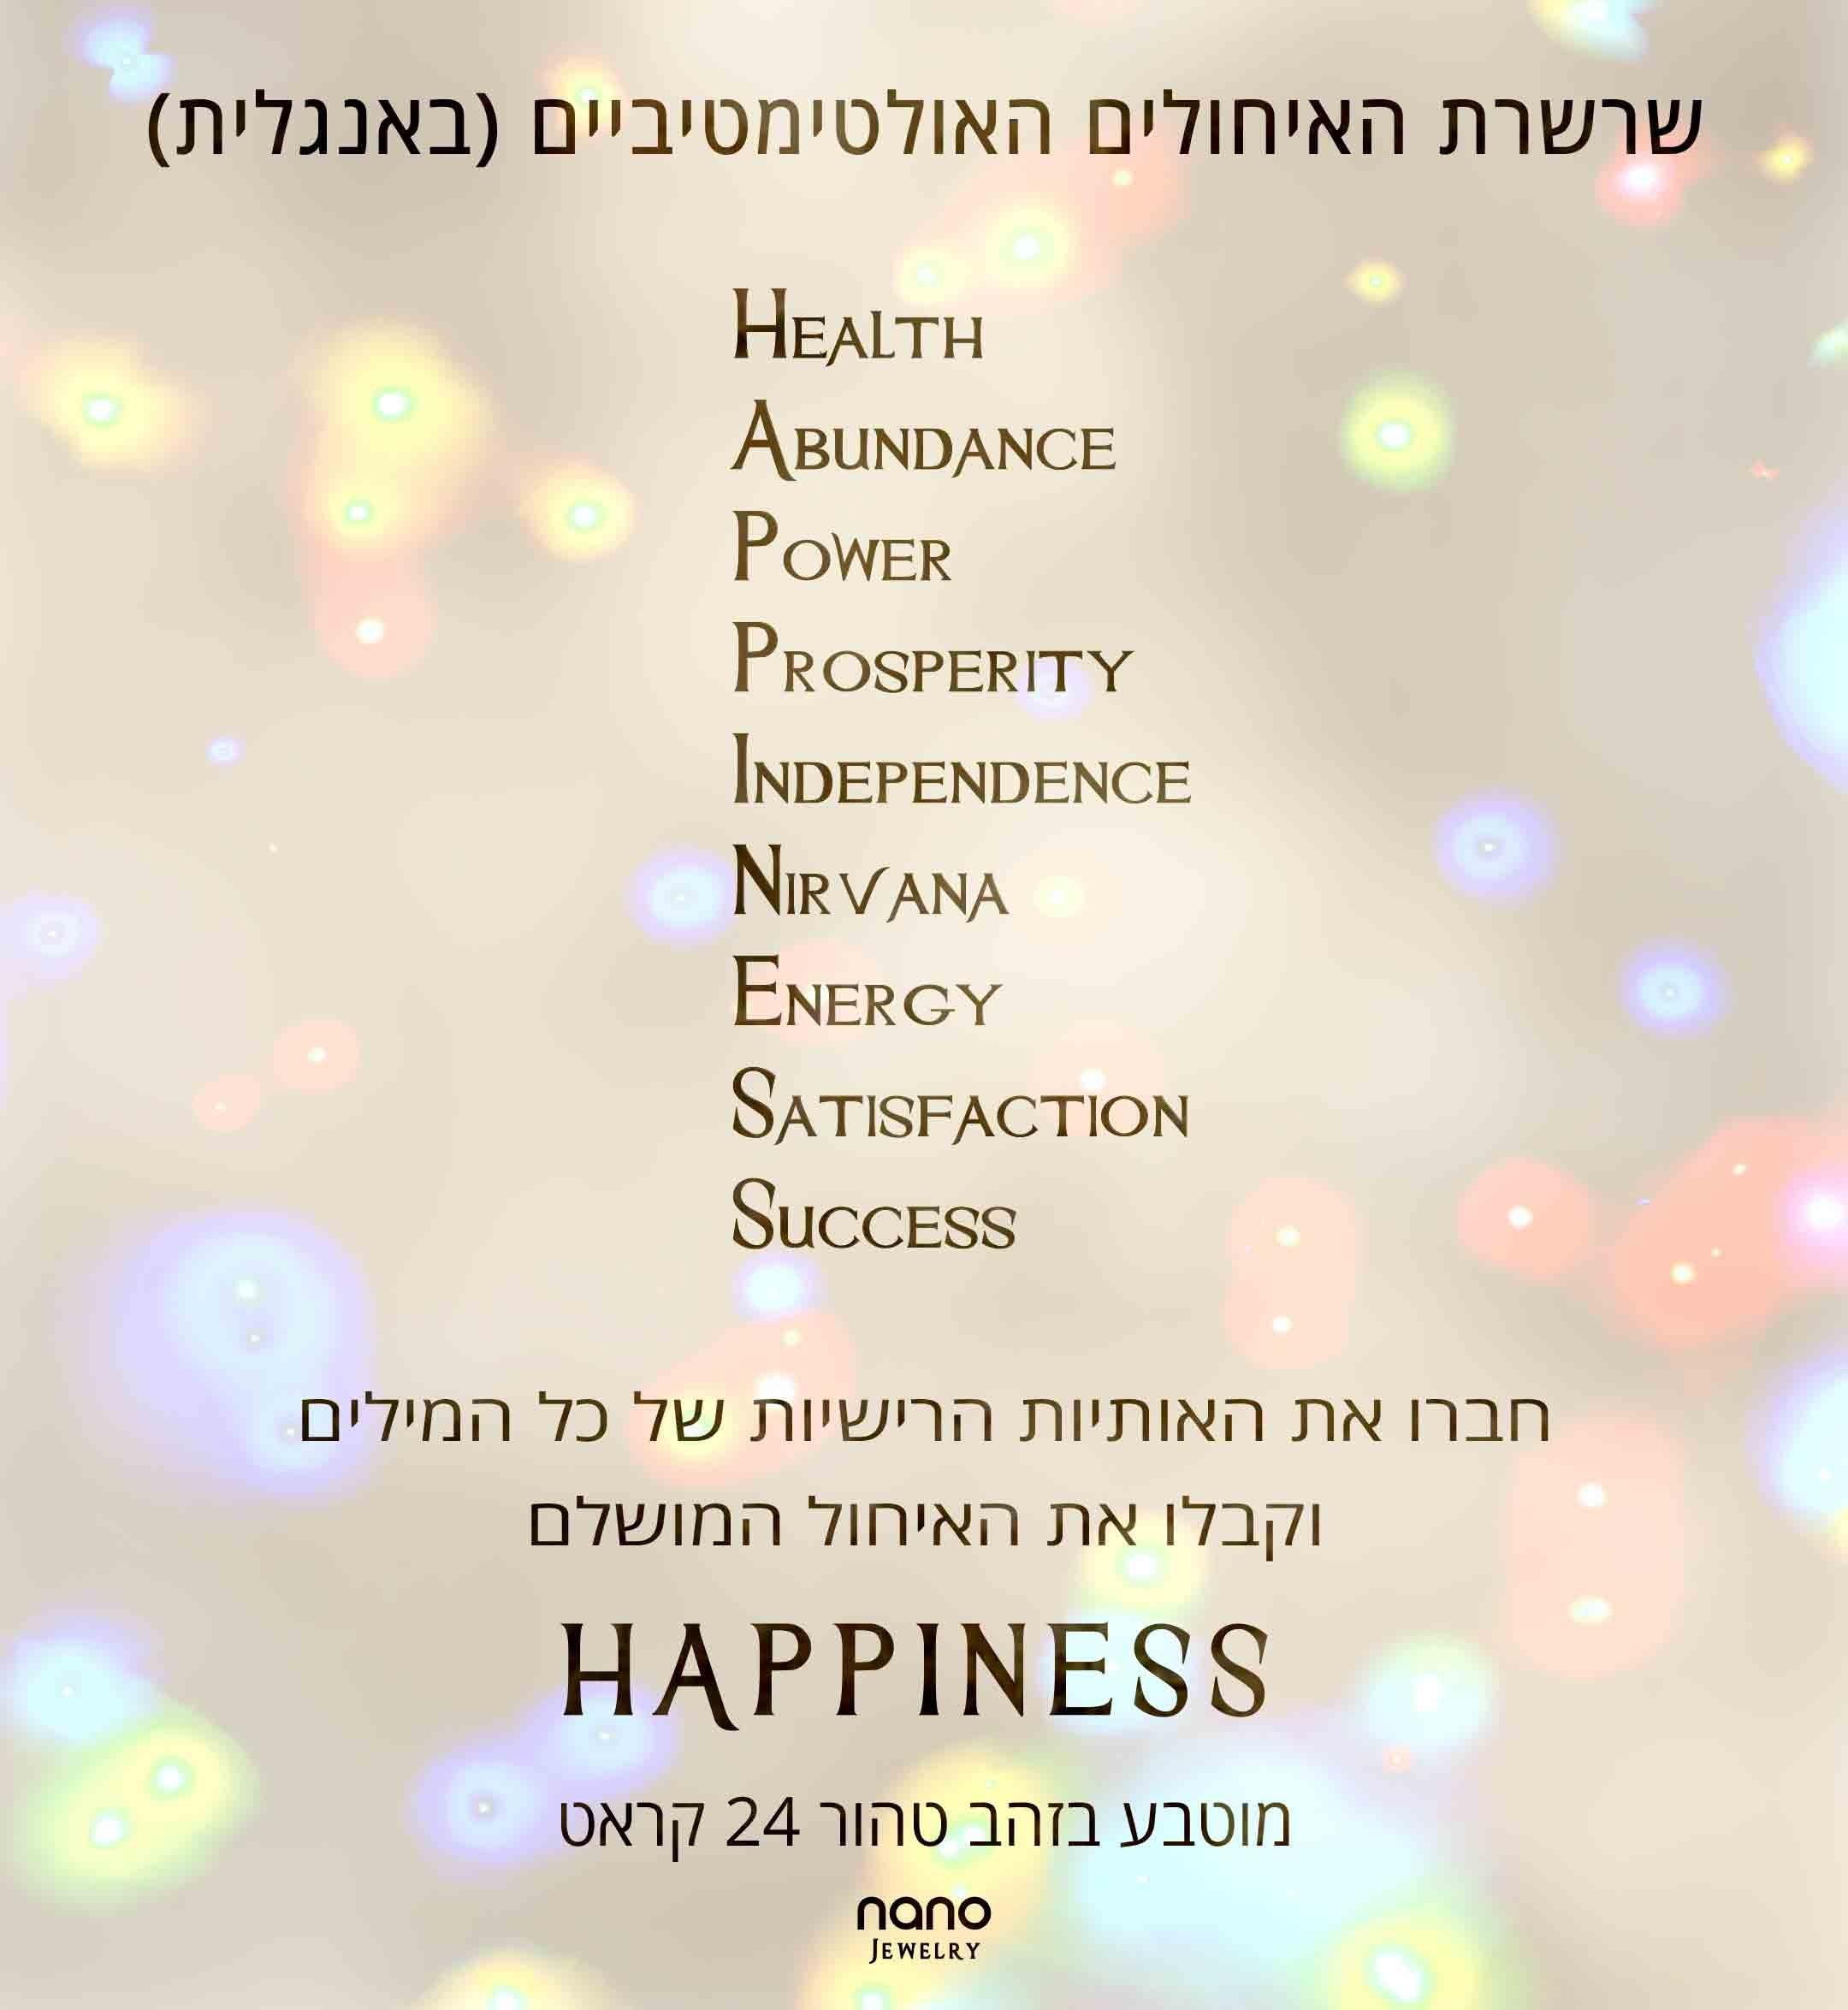 מתנות ליום הולדת – ברכות מהלב ליום הולדת- שרשרת עם איחולים לאושר-Happiness – ננו תכשיטיםמתנות ליום הולדת – ברכות מהלב ליום הולדת- שרשרת עם איחולים לאושר-Happiness – ננו תכשיטים